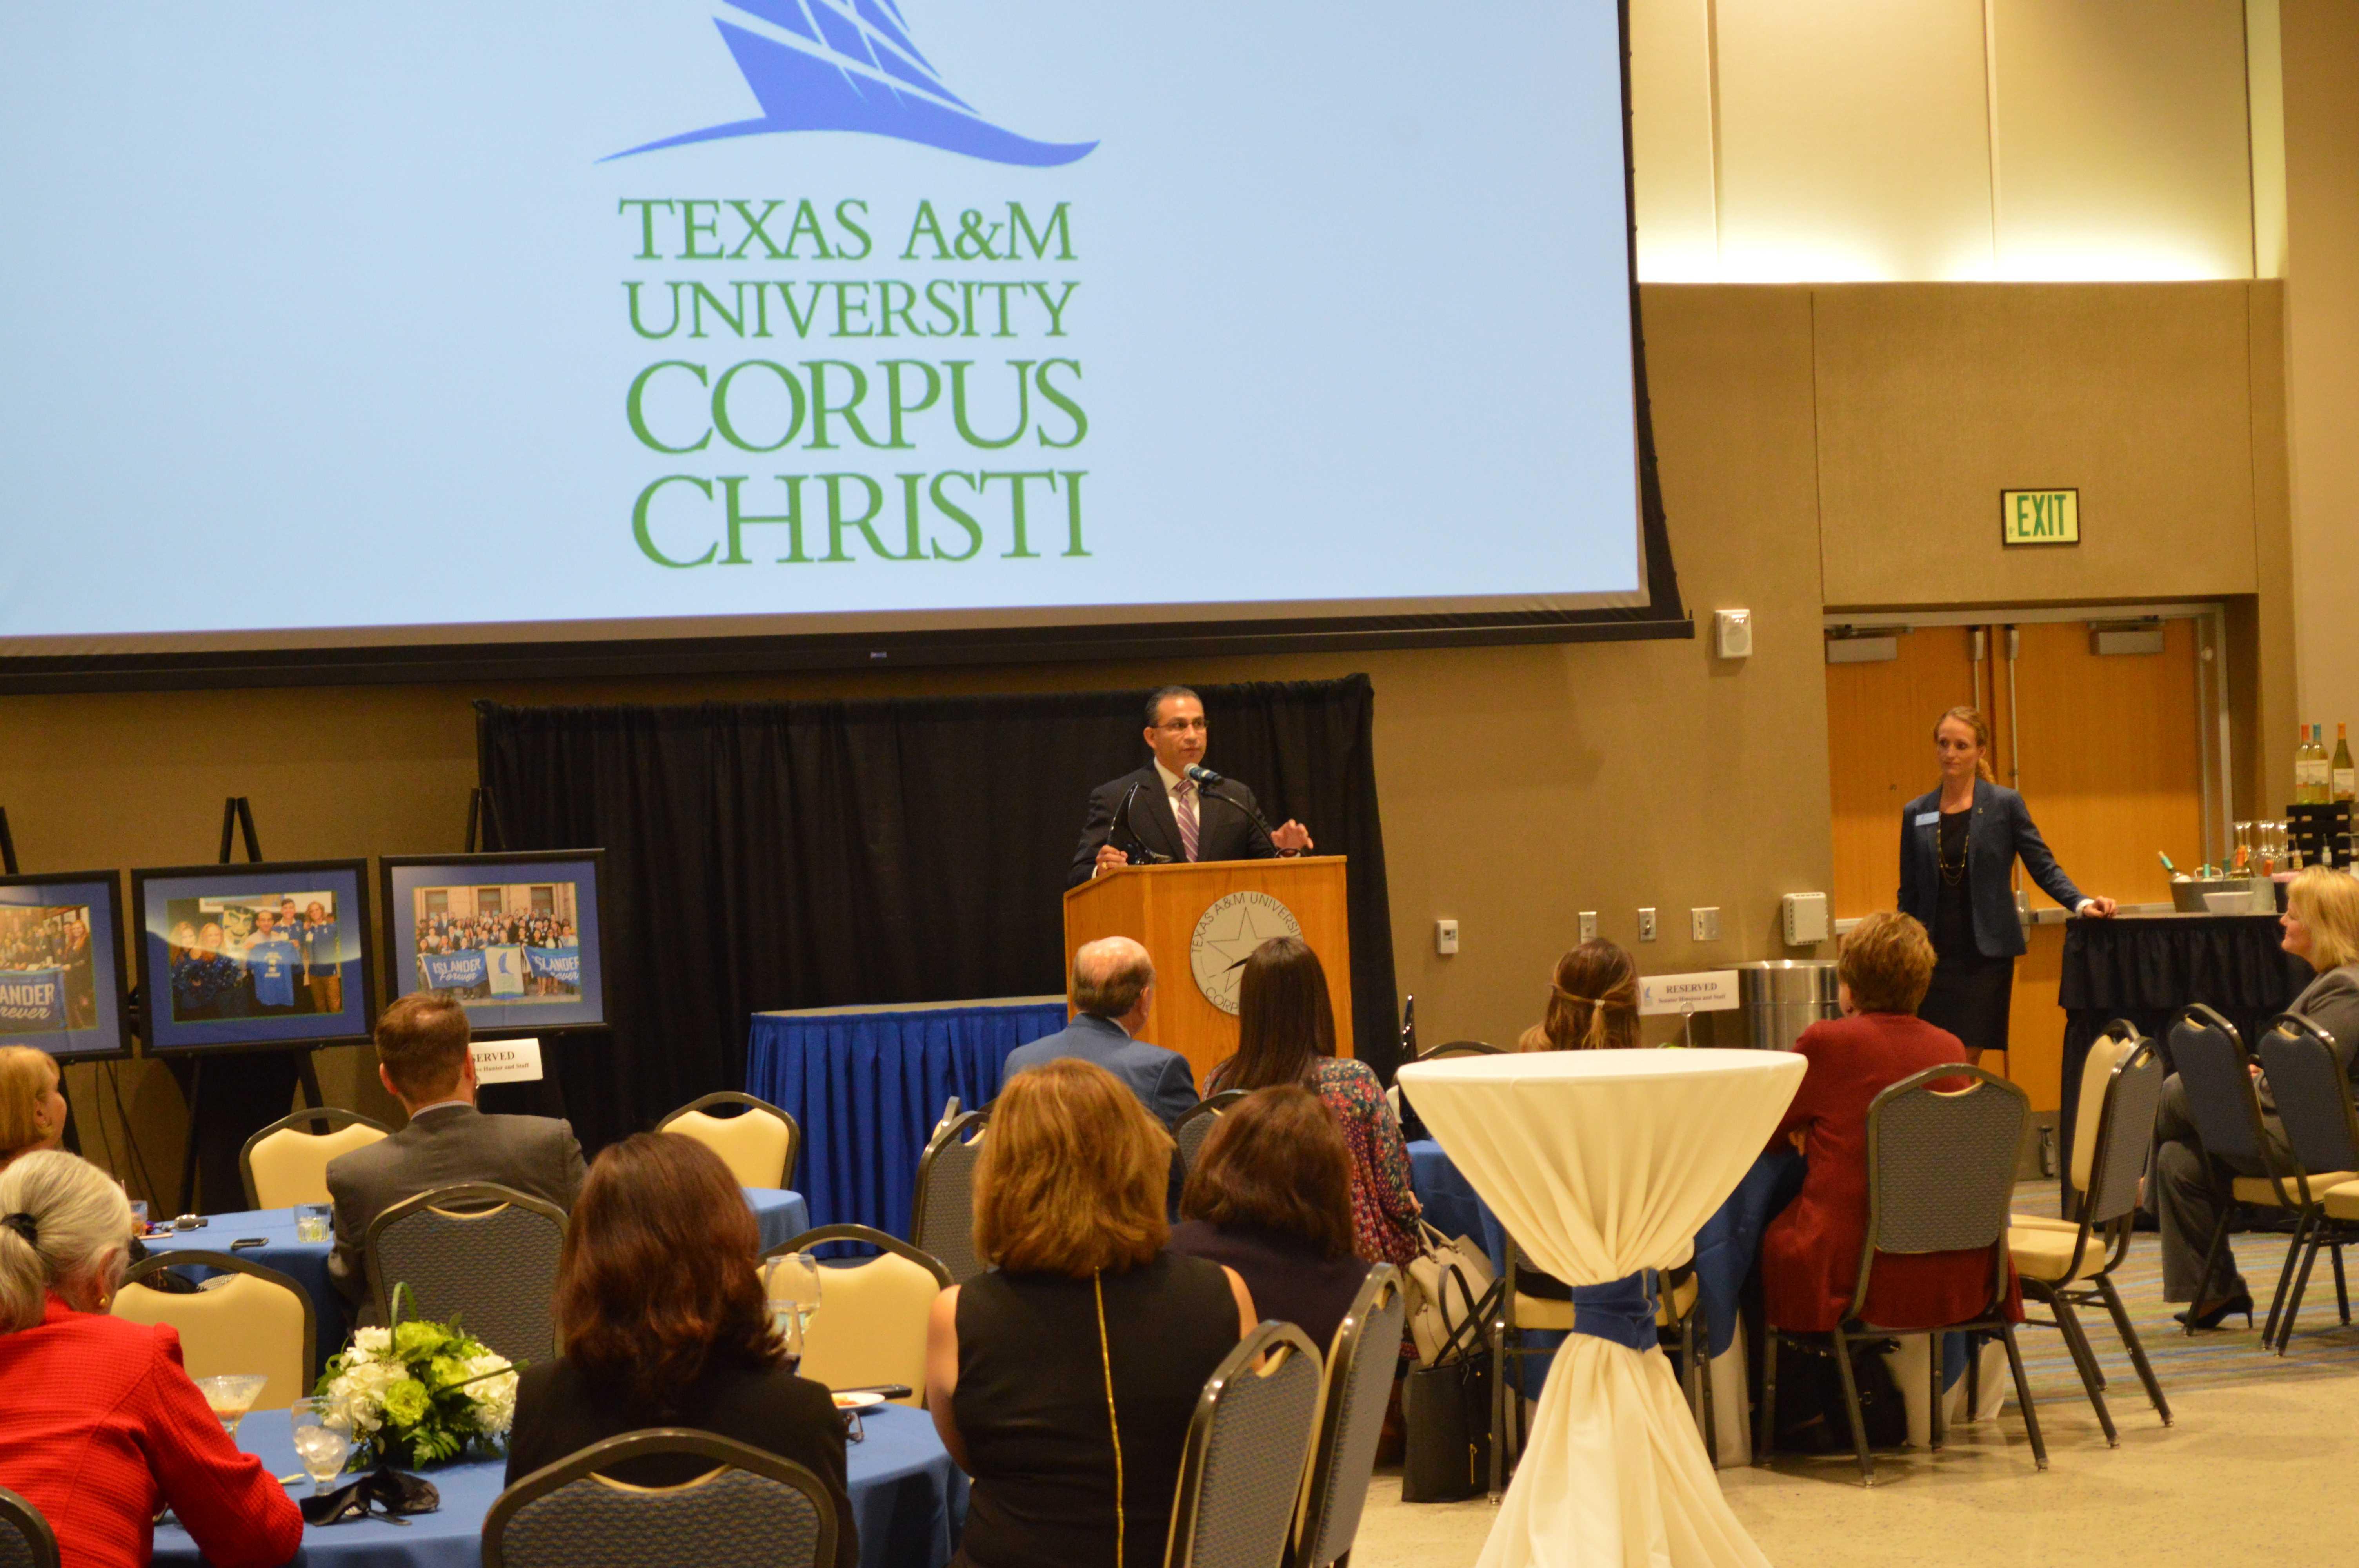 University Honors Costal Bend State Legislators at Appreciation Reception